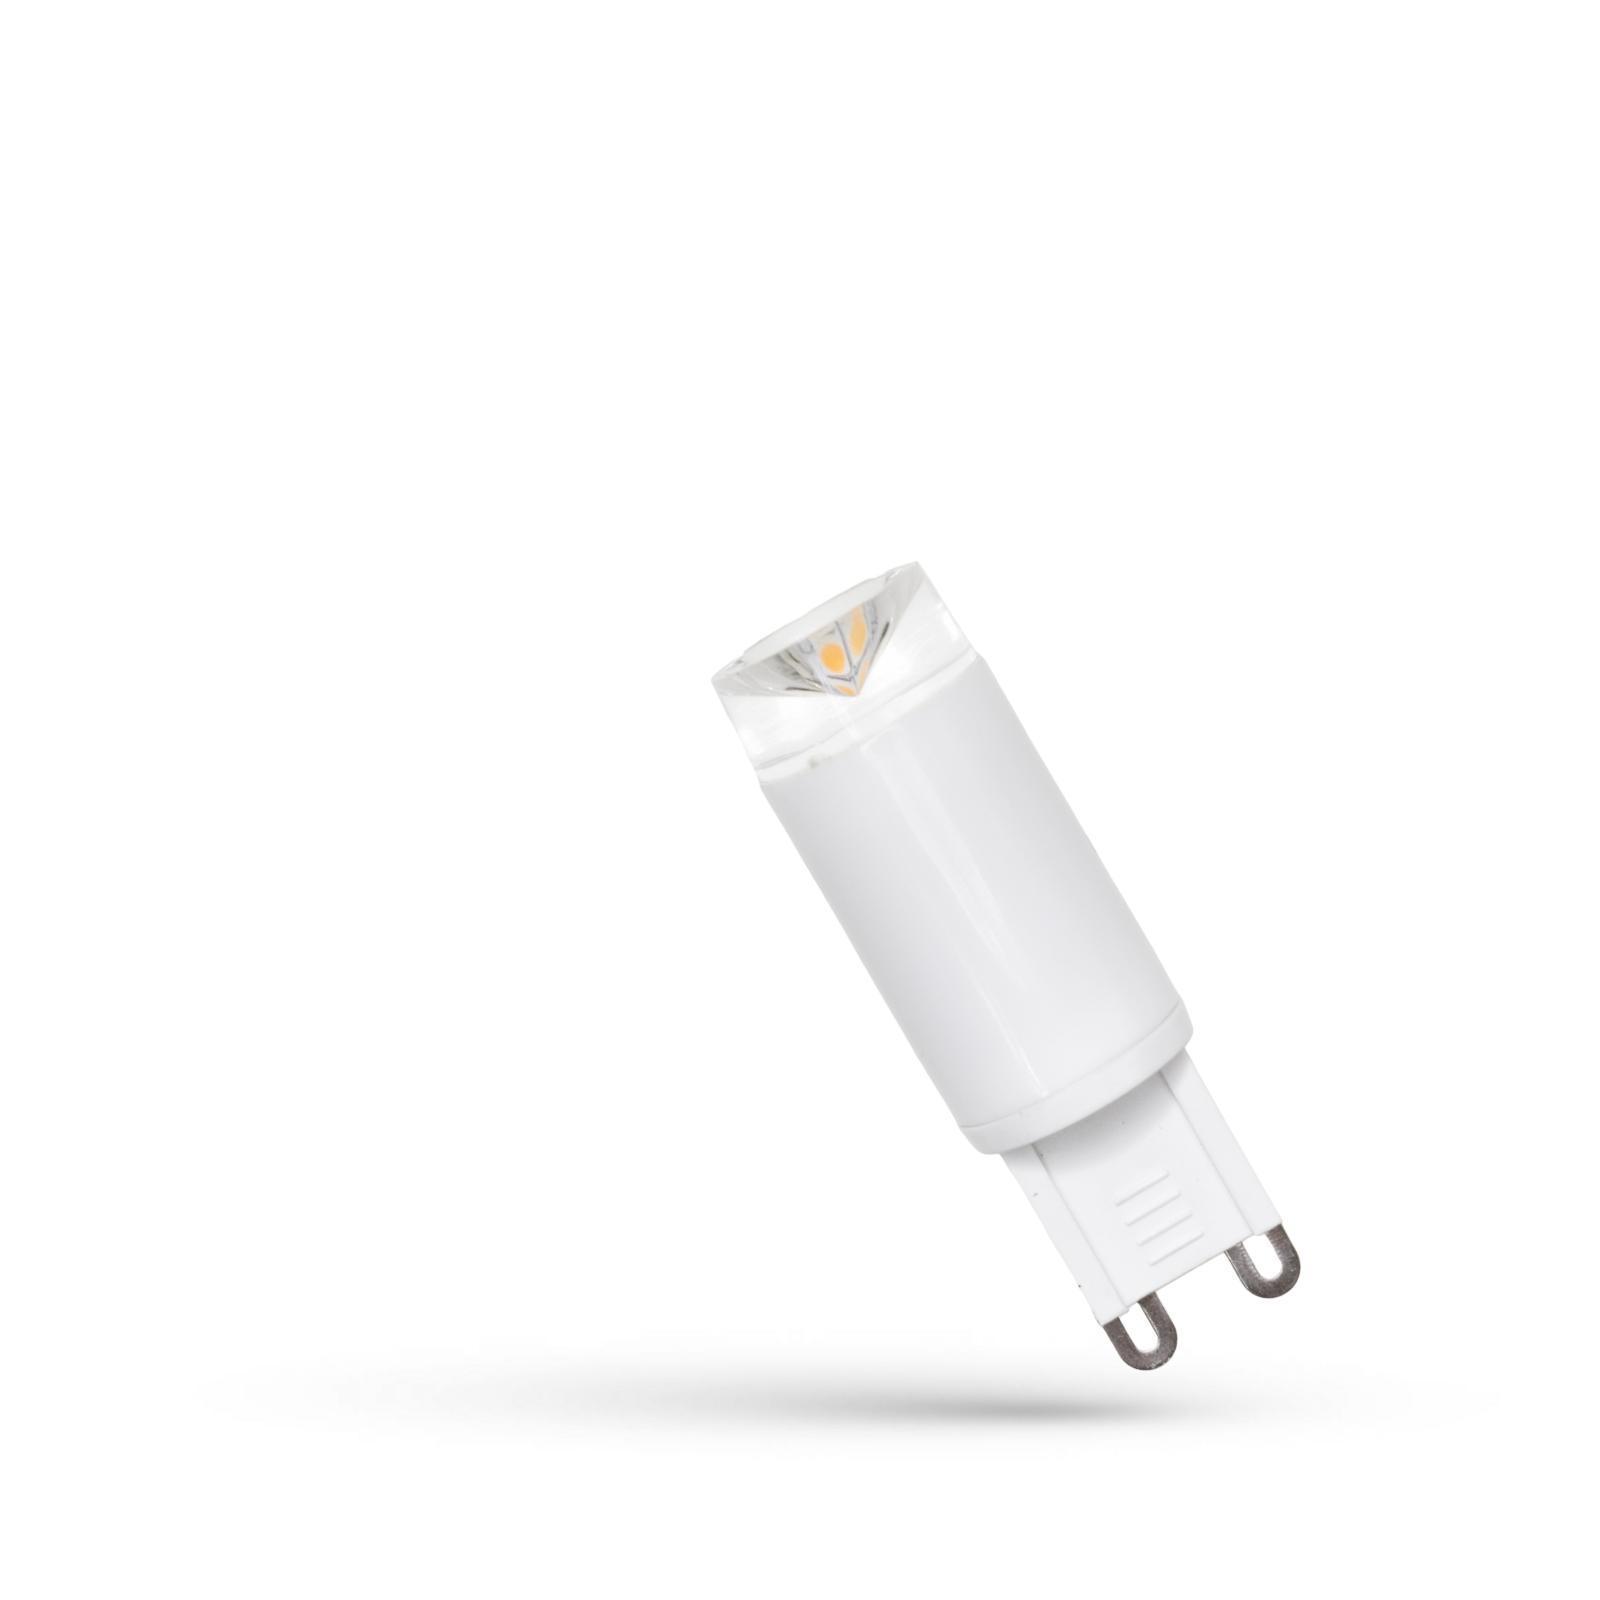 LED G9 230V 2.5W Teplá bílá keramika SPECTRUM